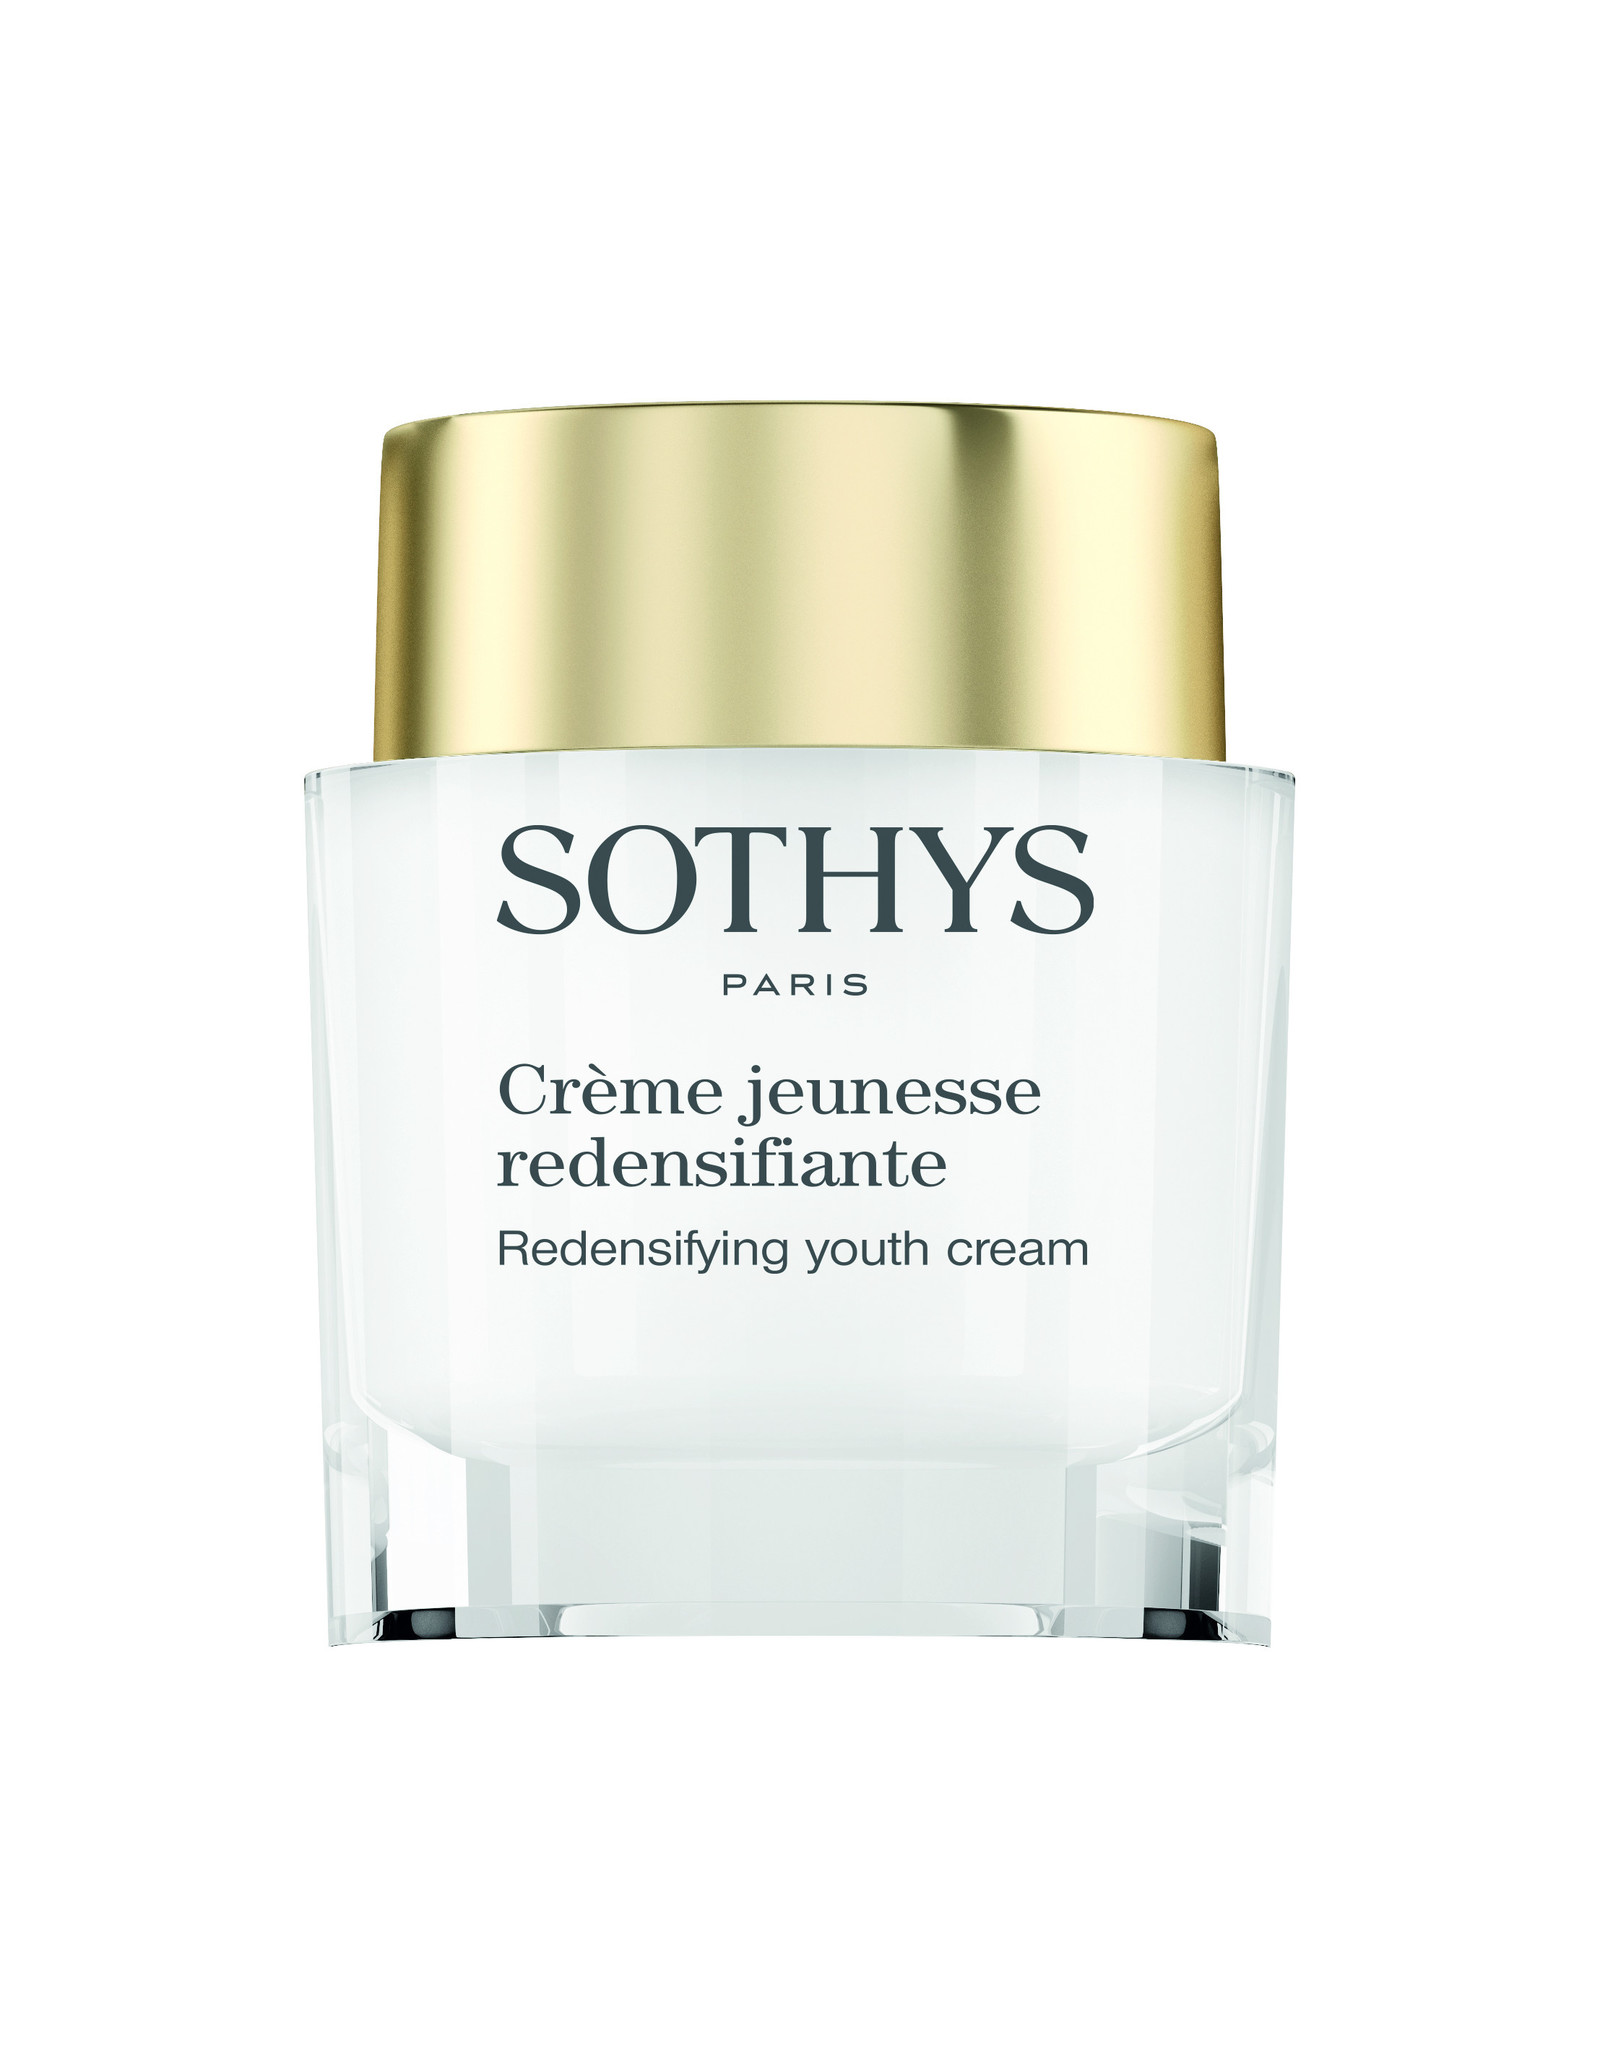 SOTHYS Crème jeunesse redensifiante - Sothys